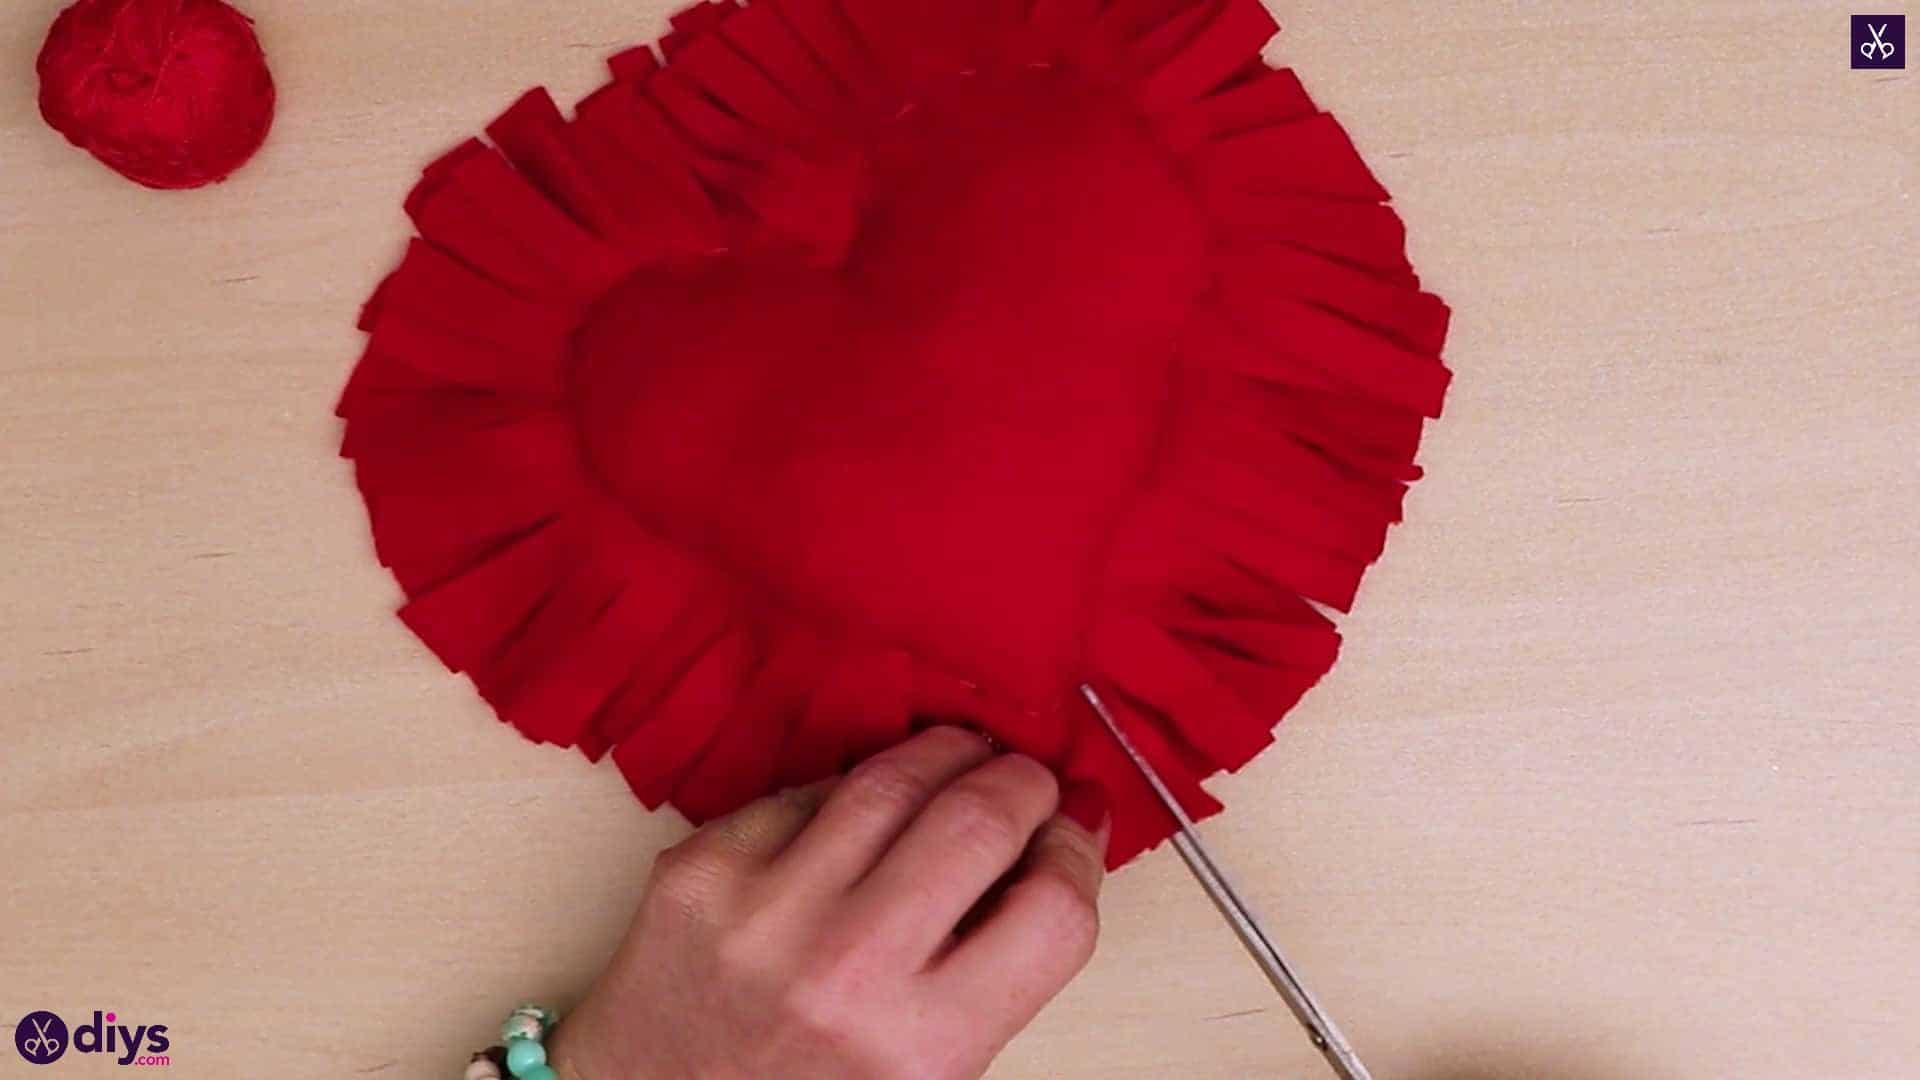 How to make a heart pillow 8d